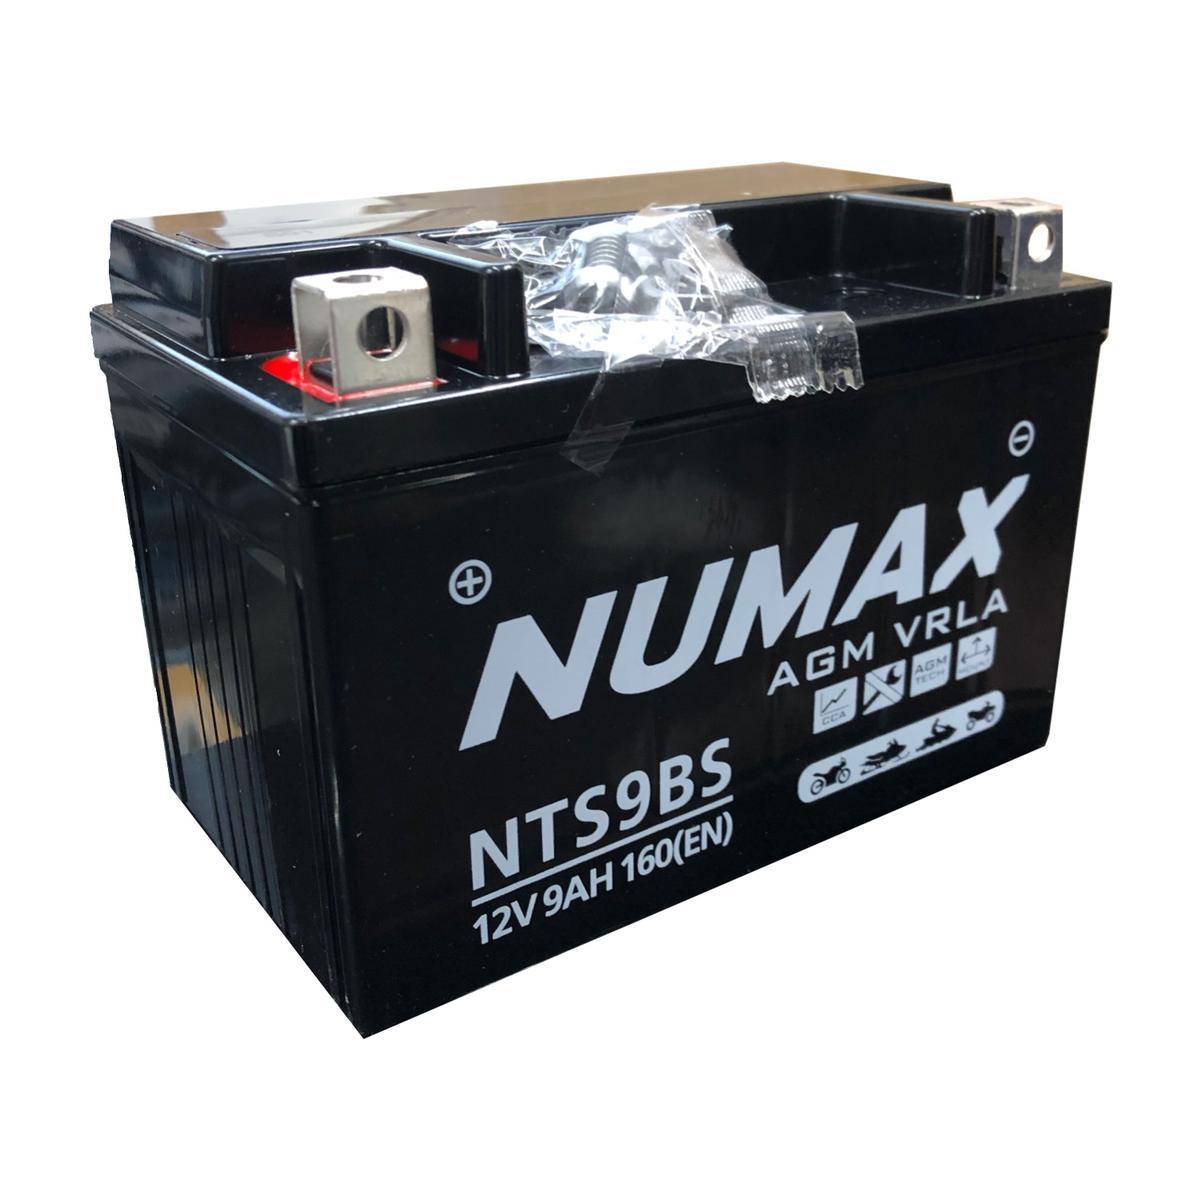 Numax NTS9BS 12v Motorbike Bike Gel Liquifix Battery KAWASAKI 400cc 11 YXT9-4